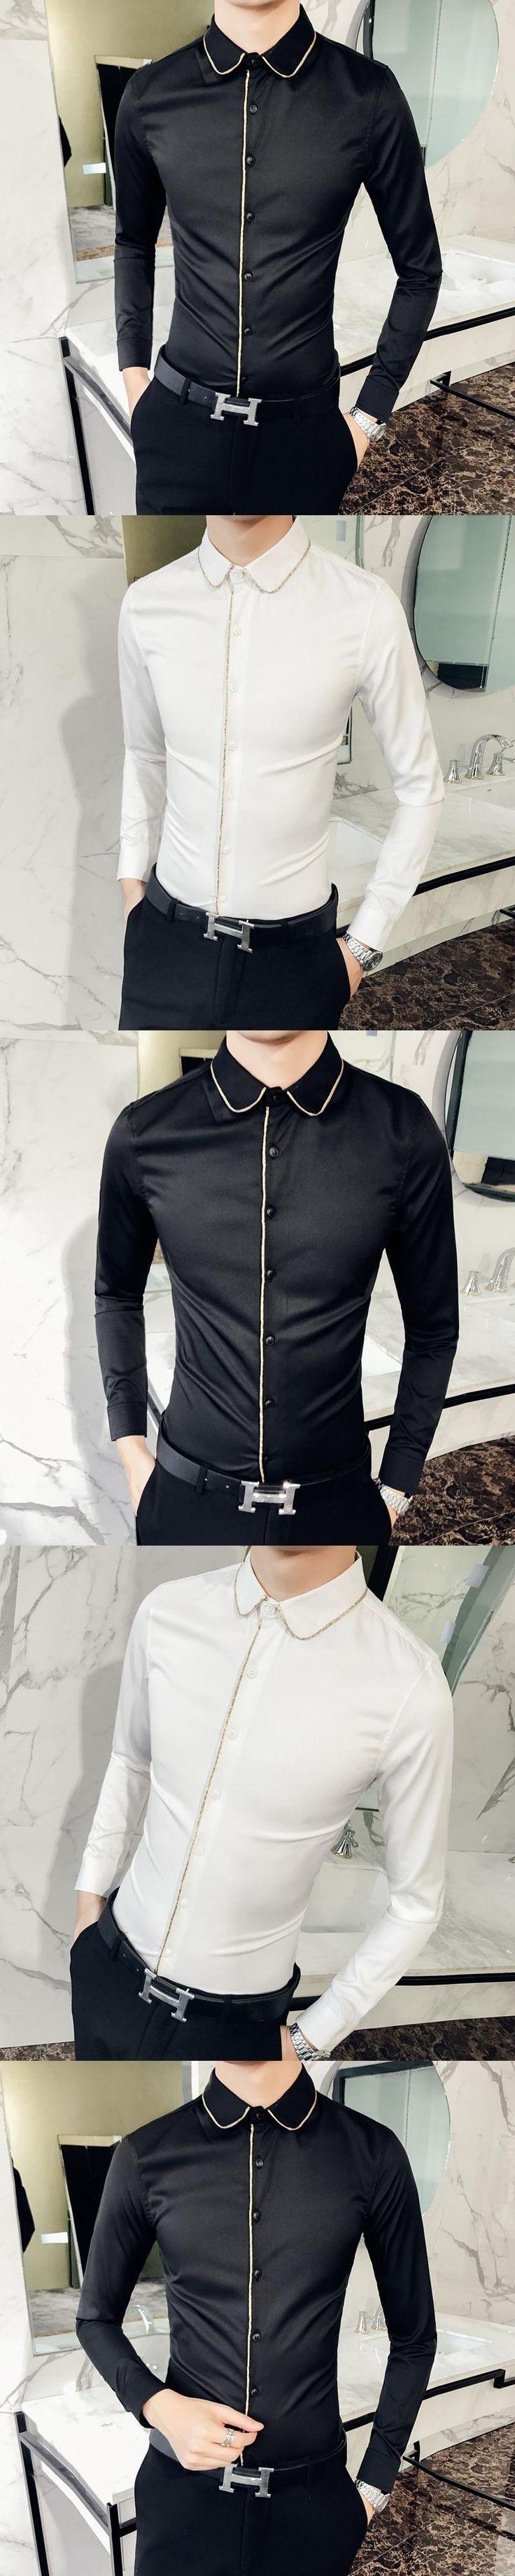 2018 Dress Shirts Mens Slim Fit Shirts Long Sleeve White Mens Retro Shirts Silk Vestido Xadrez Camicia Smoking Korean Fashion